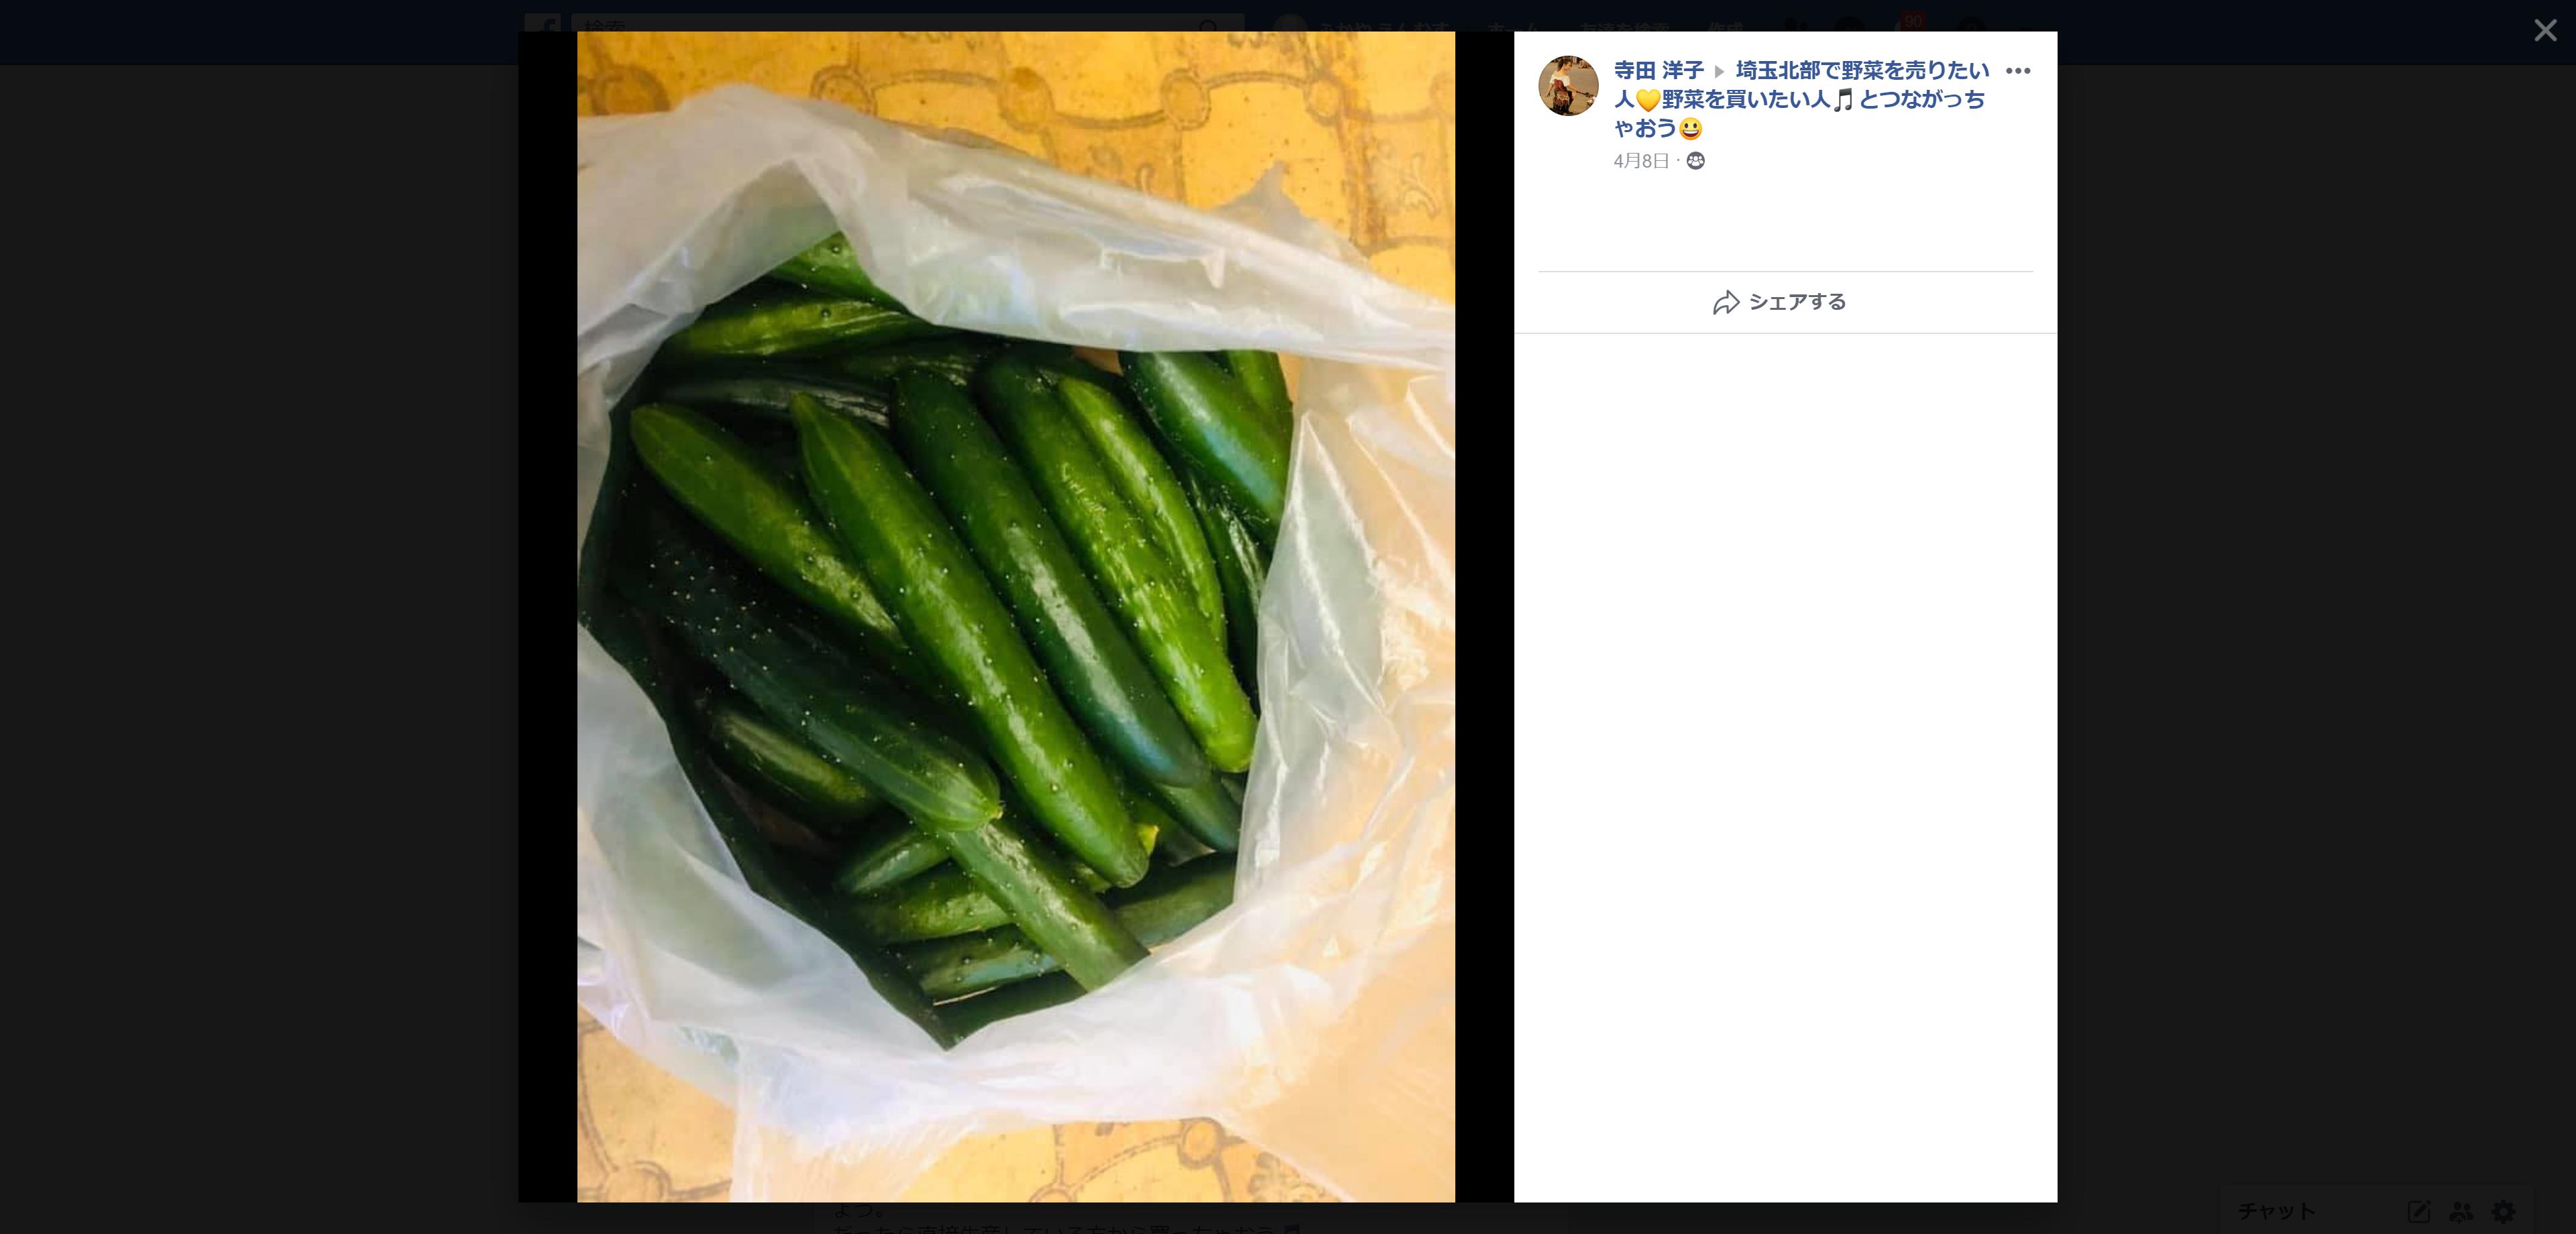 埼玉北部で野菜を売りたい人 野菜を買いたい人 とつながっちゃおう♪